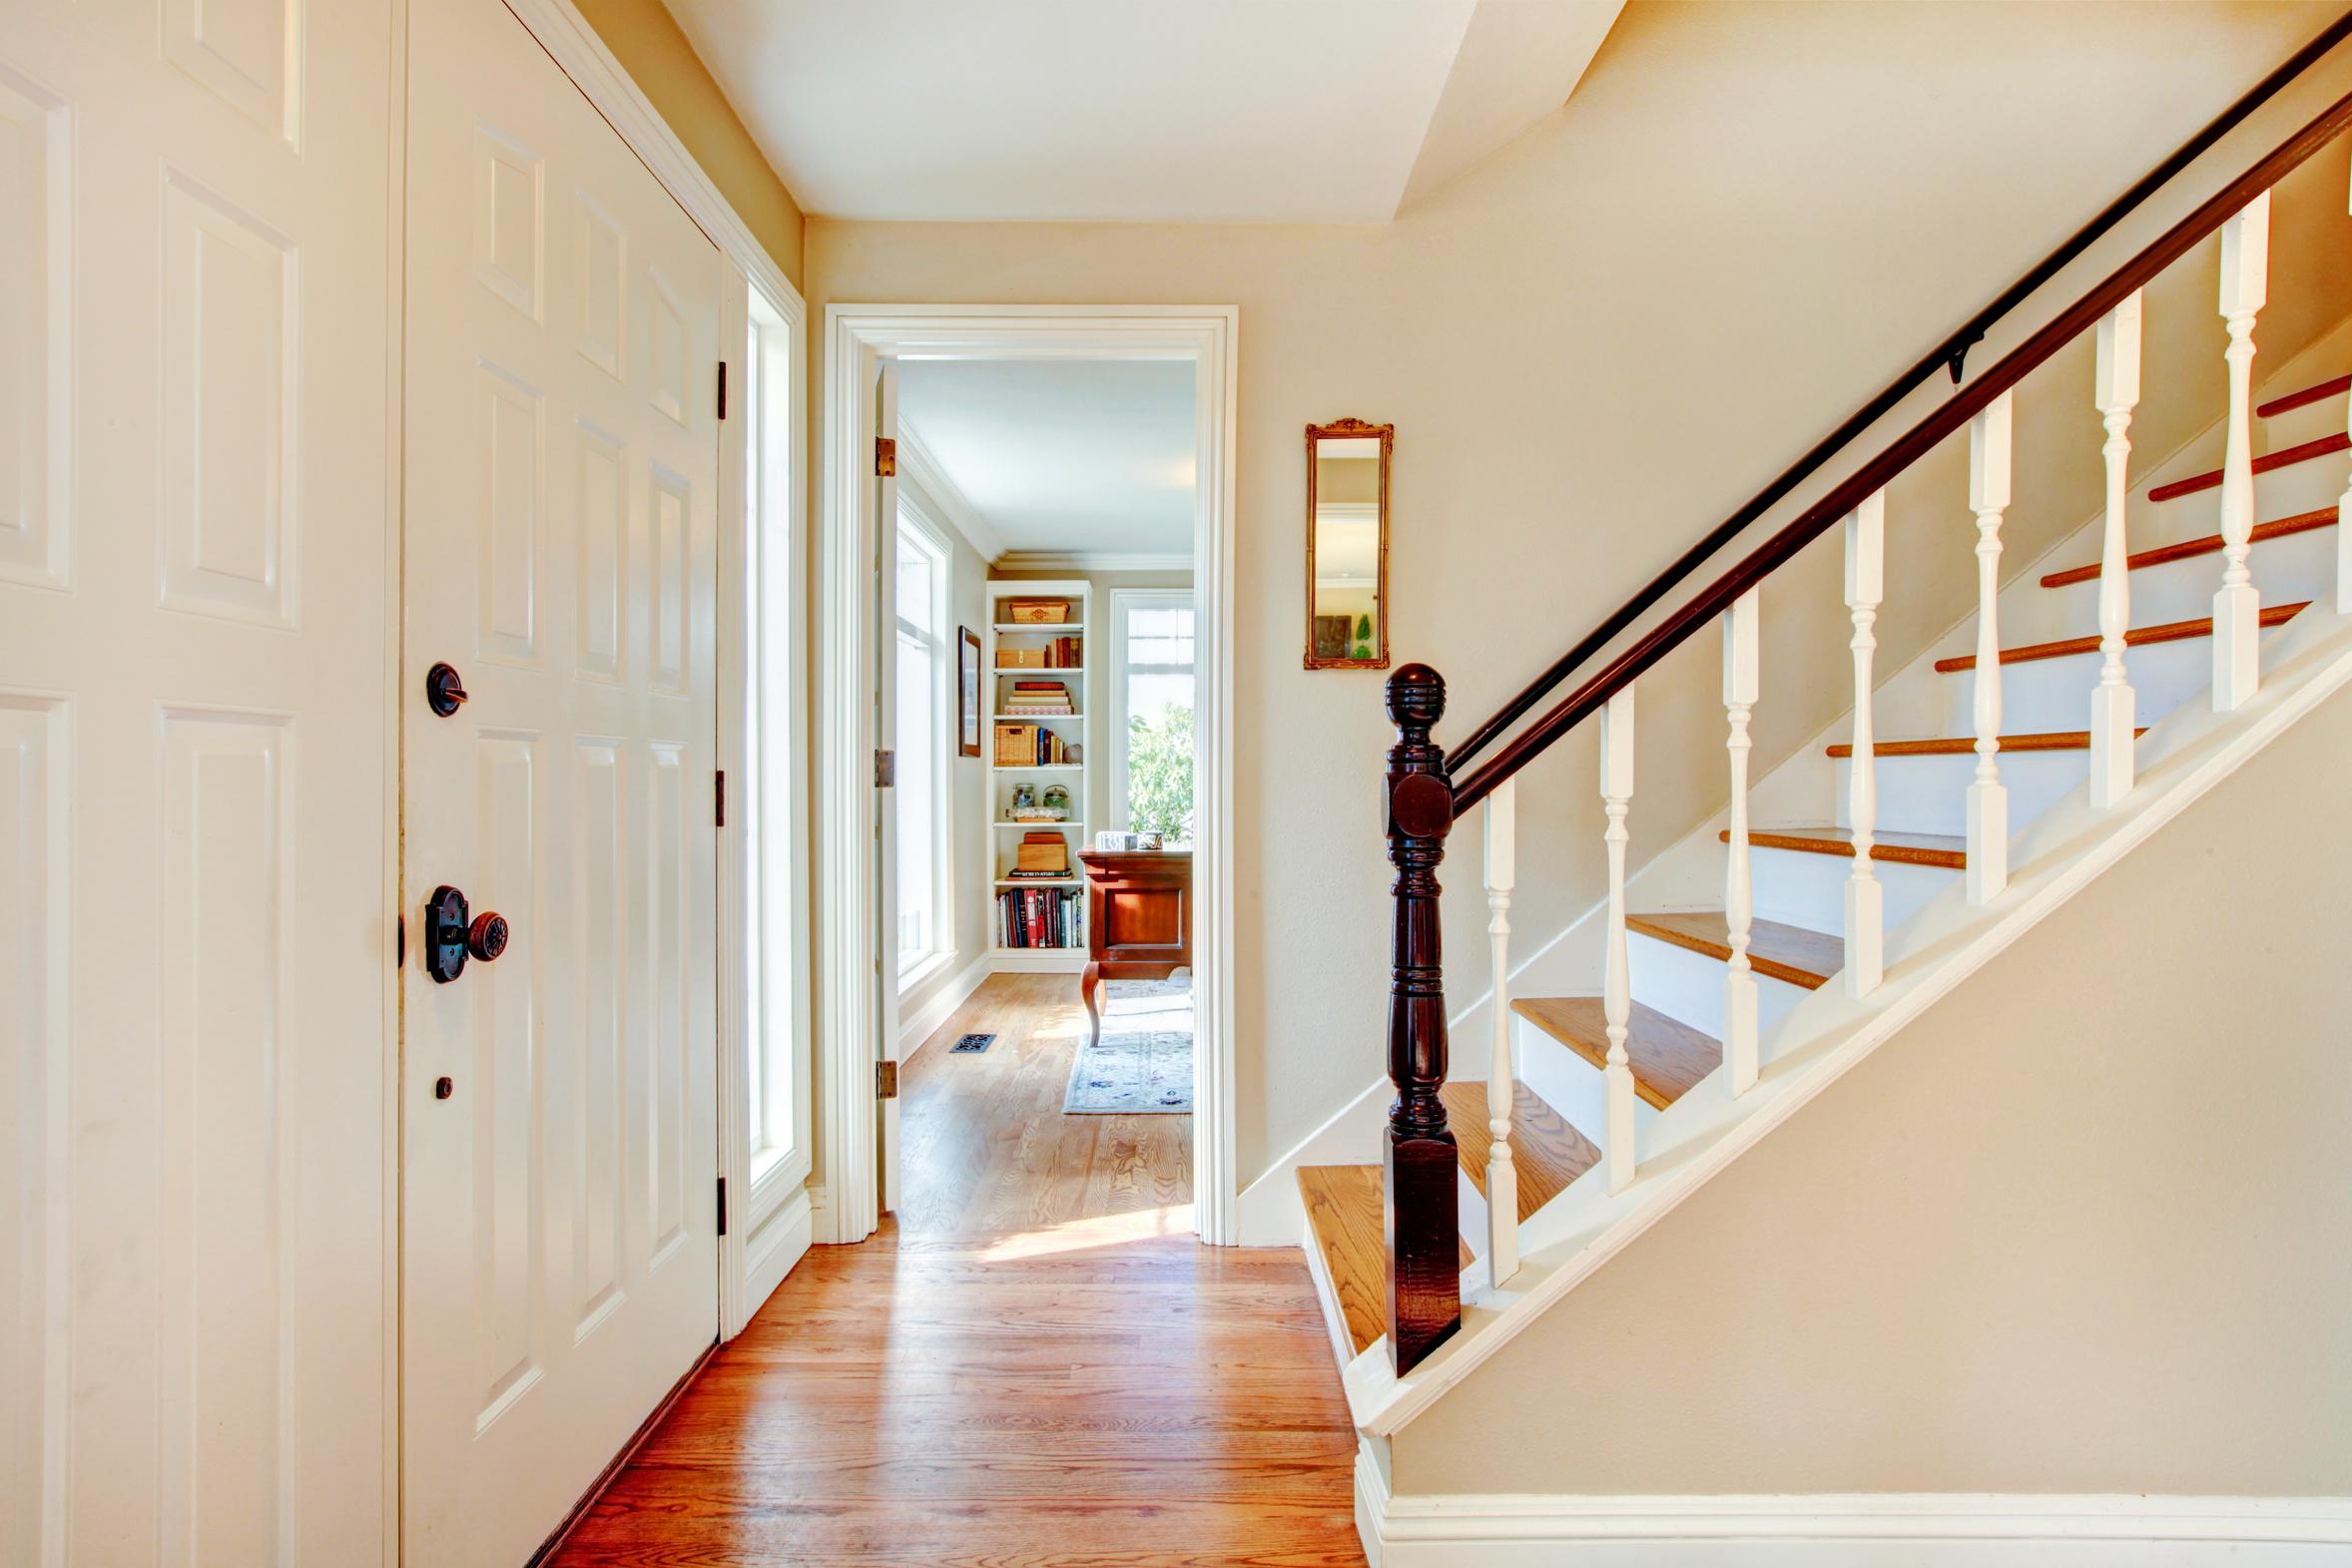 H r stairs railings home - Farbideen flur ...